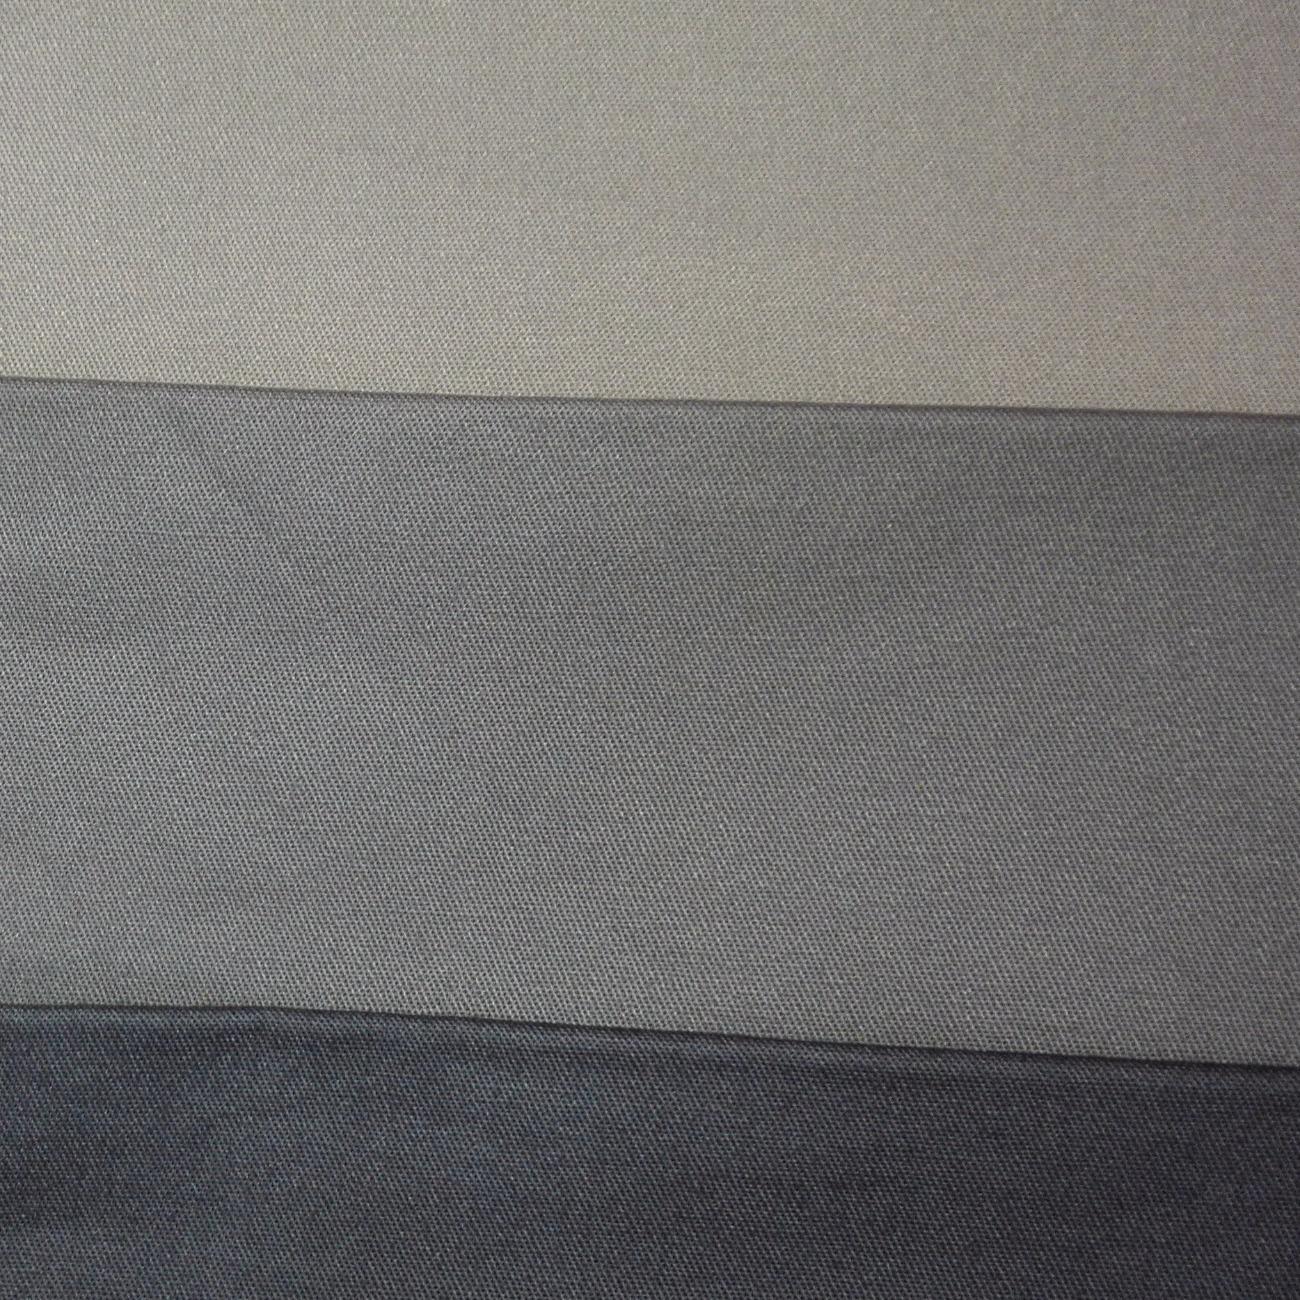 服装面料100%全棉C3221-13378梭织斜纹染色布